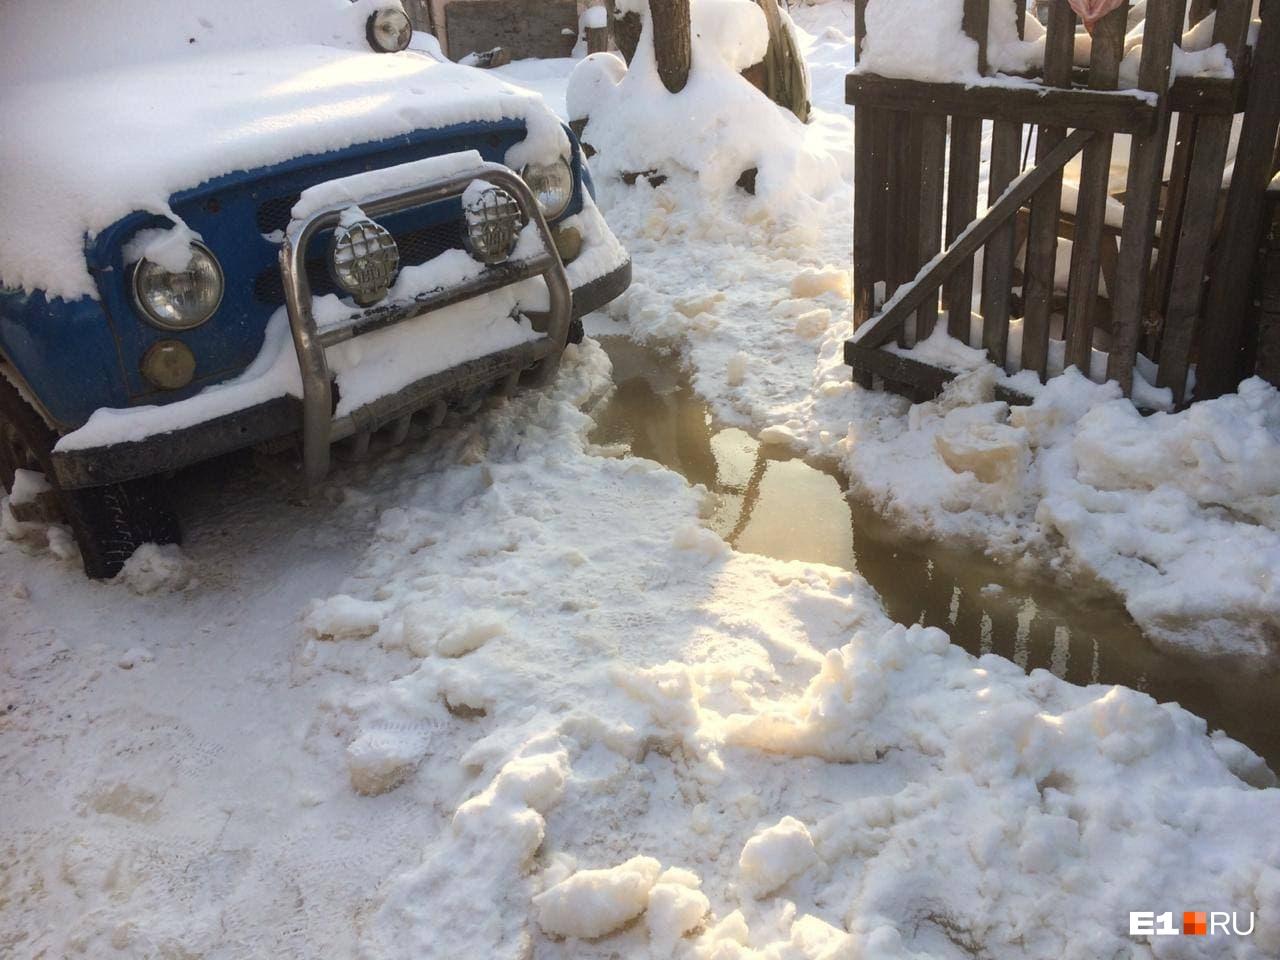 Местная жительница рассказала, что автомобиль, припаркованный возле дома, примерз к земле